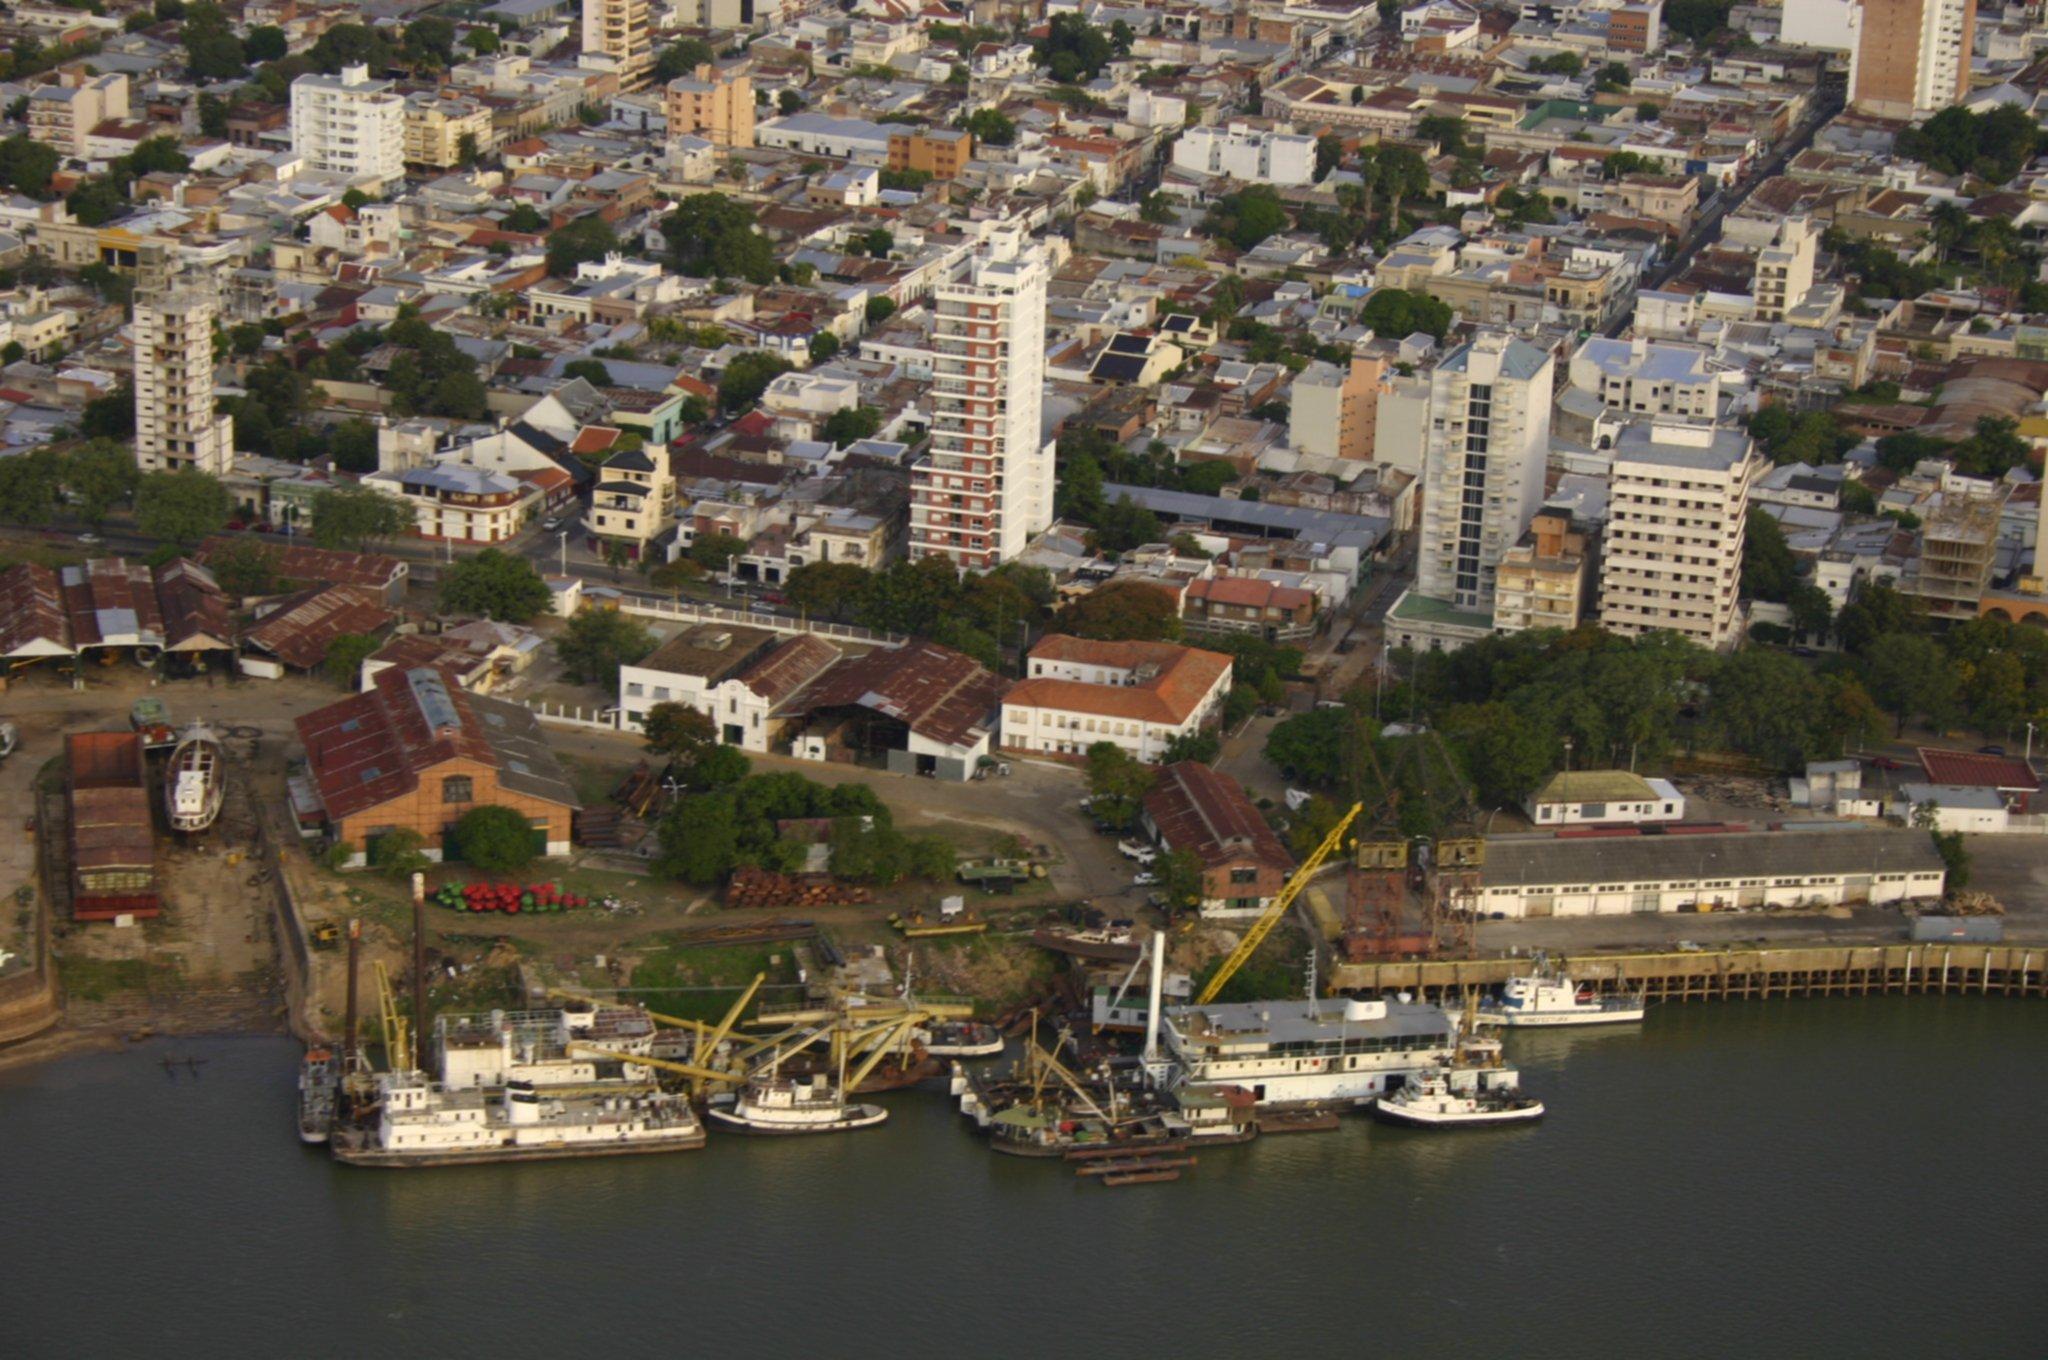 <p>Revalorizaci&oacute;n. El Plan Costero contempla la reutilizaci&oacute;n de terrenos ribere&ntilde;os de la ciudad.</p>